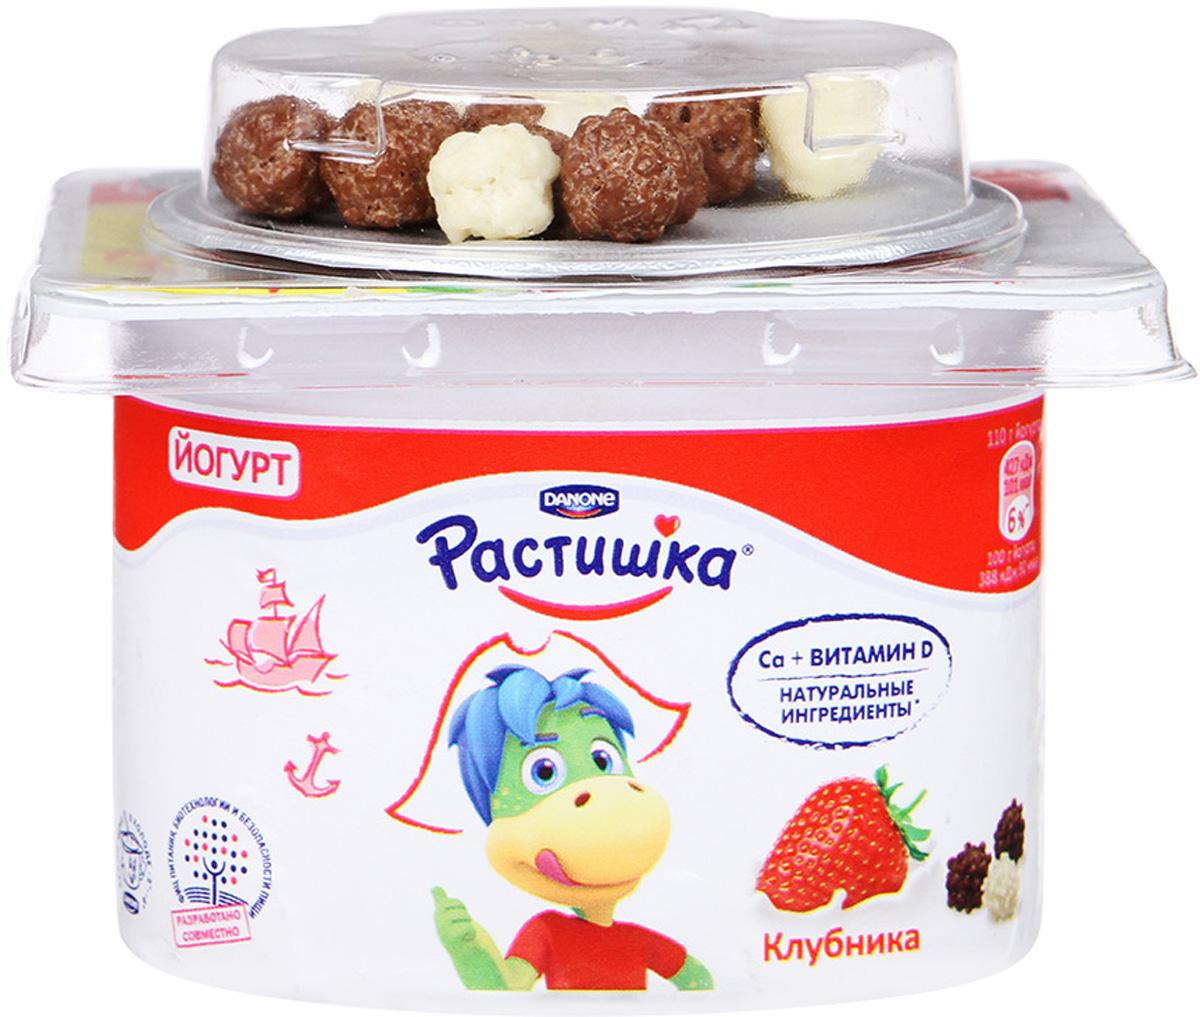 Растишка Йогурт густой Клубника с глазированным драже 3%, 115 г122169Йогурт Растишка производится из нормализованного молока и йогуртовой закваски с добавлением клубничного пюре. Крошечные драже (топпер под крышечкой) сделаны из рисовой и пшеничной муки и покрыты сверху белым и молочным шоколадом.В йогурте в большом количестве содержатся полезные бактерии, белки, витамины и минеральные вещества. Также в этом продукте есть закваска, которая помогает детскому организму защищаться от болезнетворных микробов. Кроме того, йогурты усваиваются легче и быстрее молока. Пищевая ценность йогурта на 100 г: жира – 3,0 г, белка – 3,8 г, углеводов –12,5 г, в т.ч. сахарозы – 6,0 г, витамин Д3 – 1,5 мкг (15% суточнойпотребности); Са – 240 мг (от 27% до 20% суточной потребности).Энергетическая ценность йогурта на 100 г: 92 ккал/388 кДж. Пищевая ценность печенья на 100 г: жира – 20,5 г, белка – 5,6 г, углеводов –64,0 г, в т.ч. сахарозы – 41,7 г.Энергетическая ценность печенья на 100 г: 463 ккал/1942 кДж.